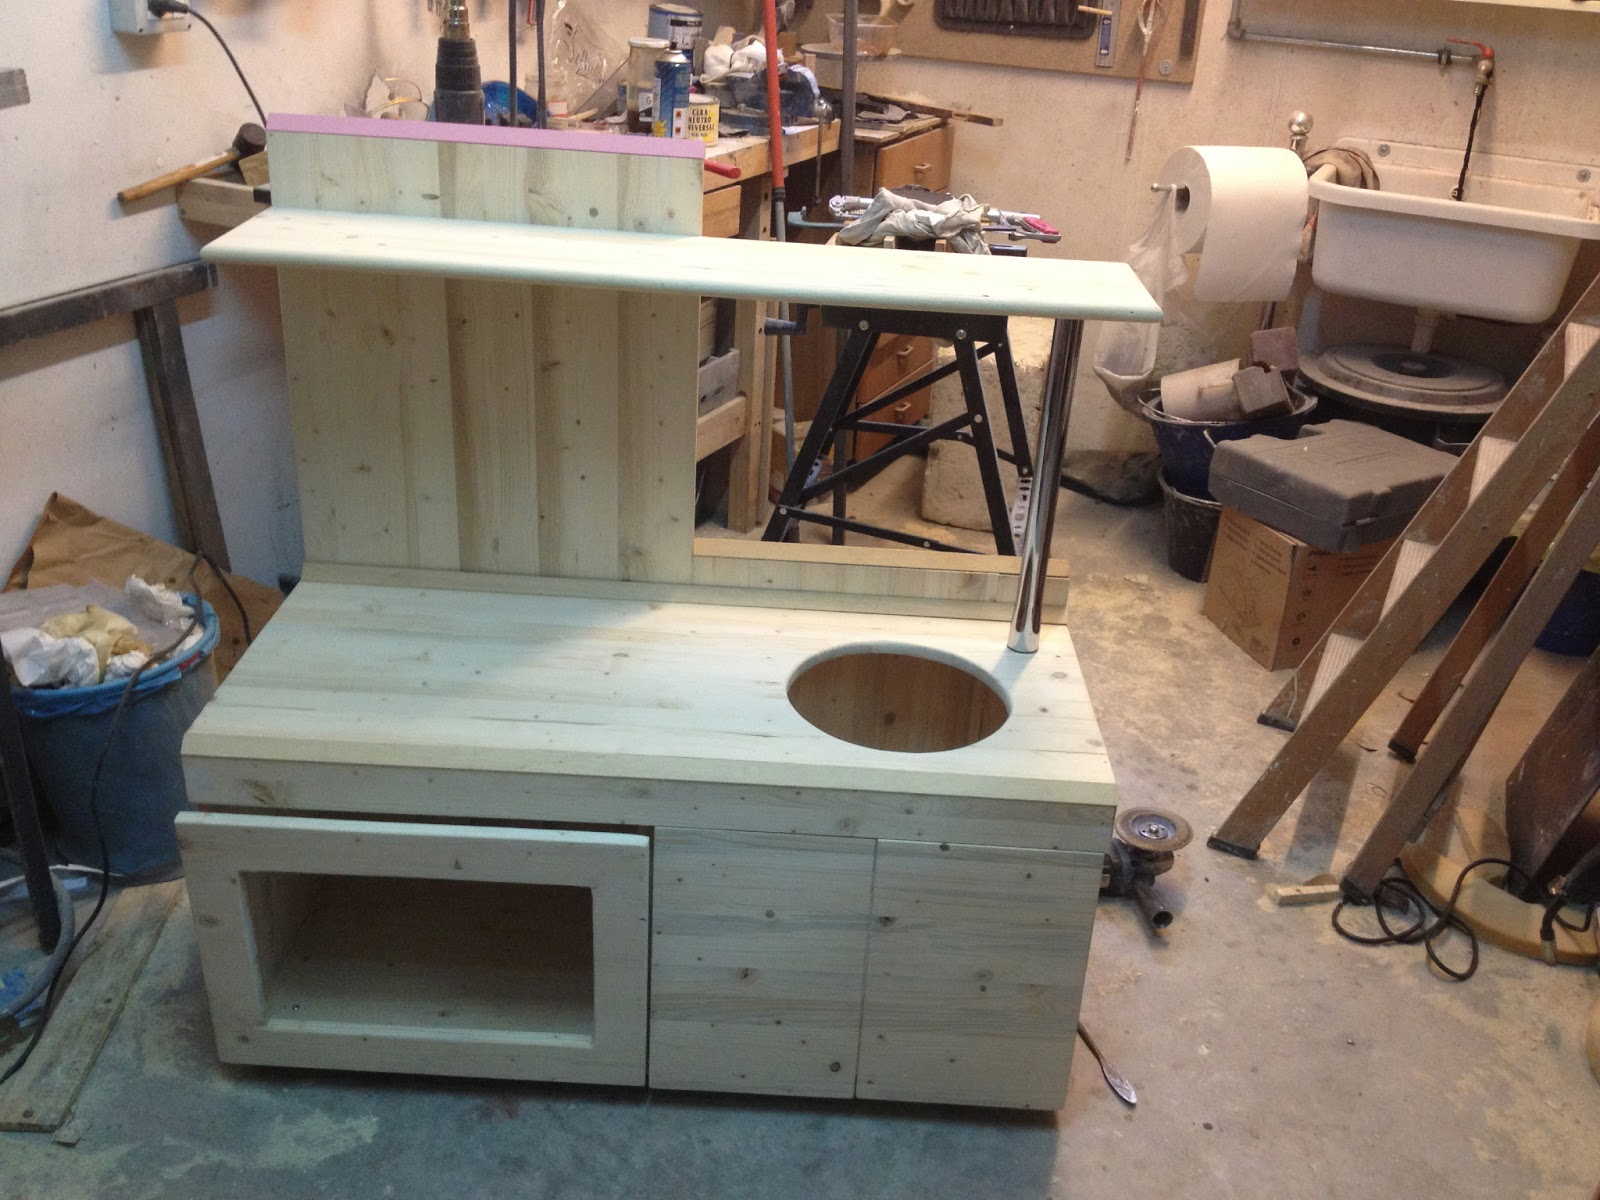 Mammarum come costruire una cucina per bambini di legno - Costruire mobili in cartone ...